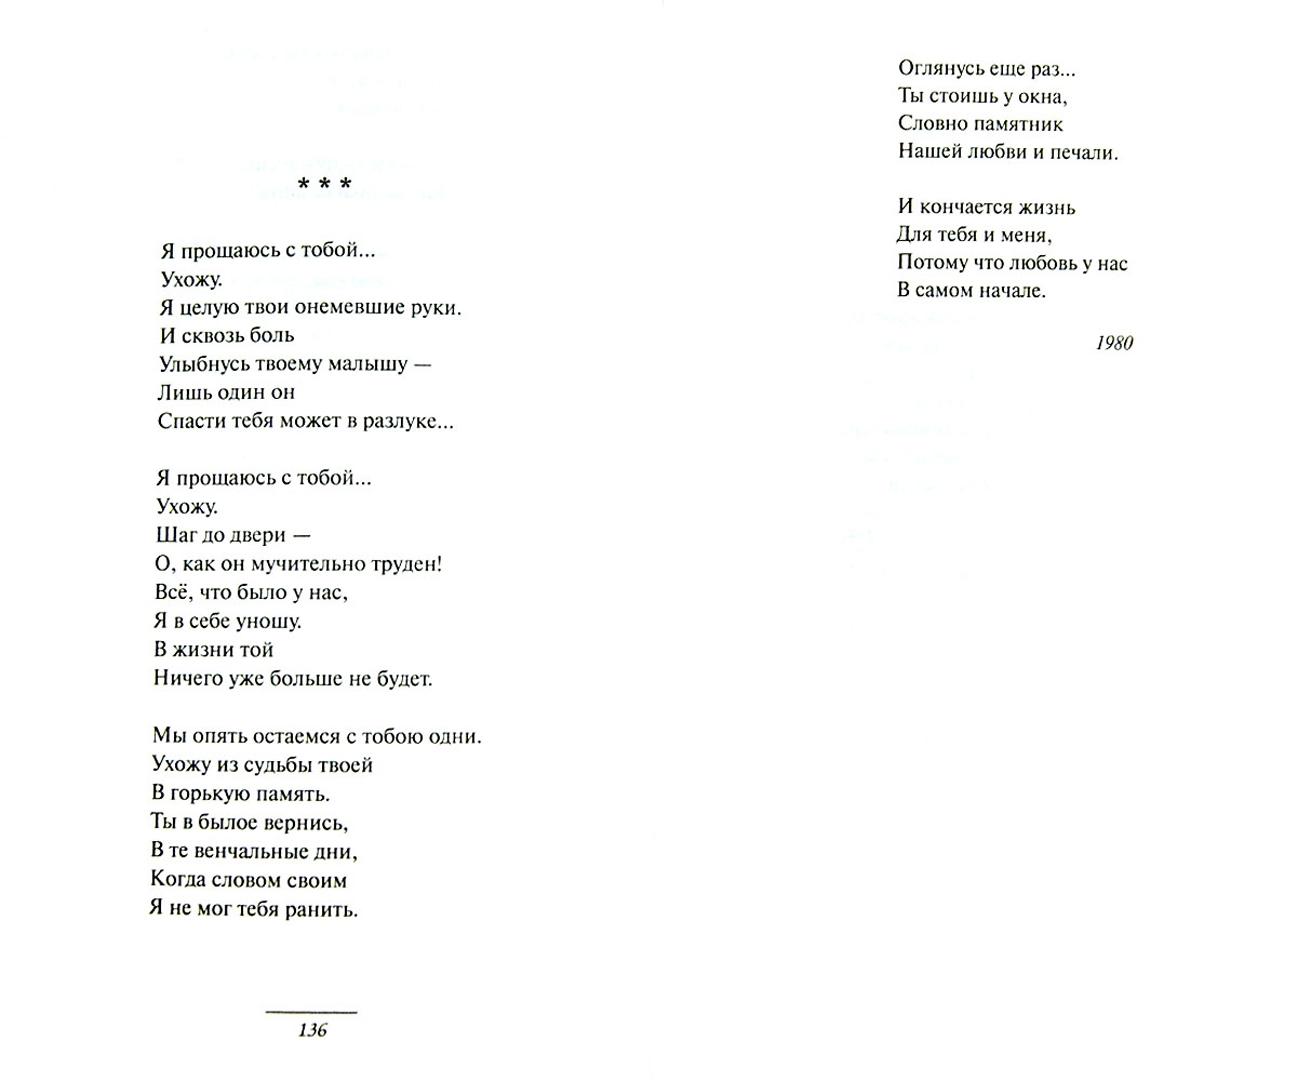 Иллюстрация 1 из 7 для Долгая жизнь любви - Андрей Дементьев | Лабиринт - книги. Источник: Лабиринт